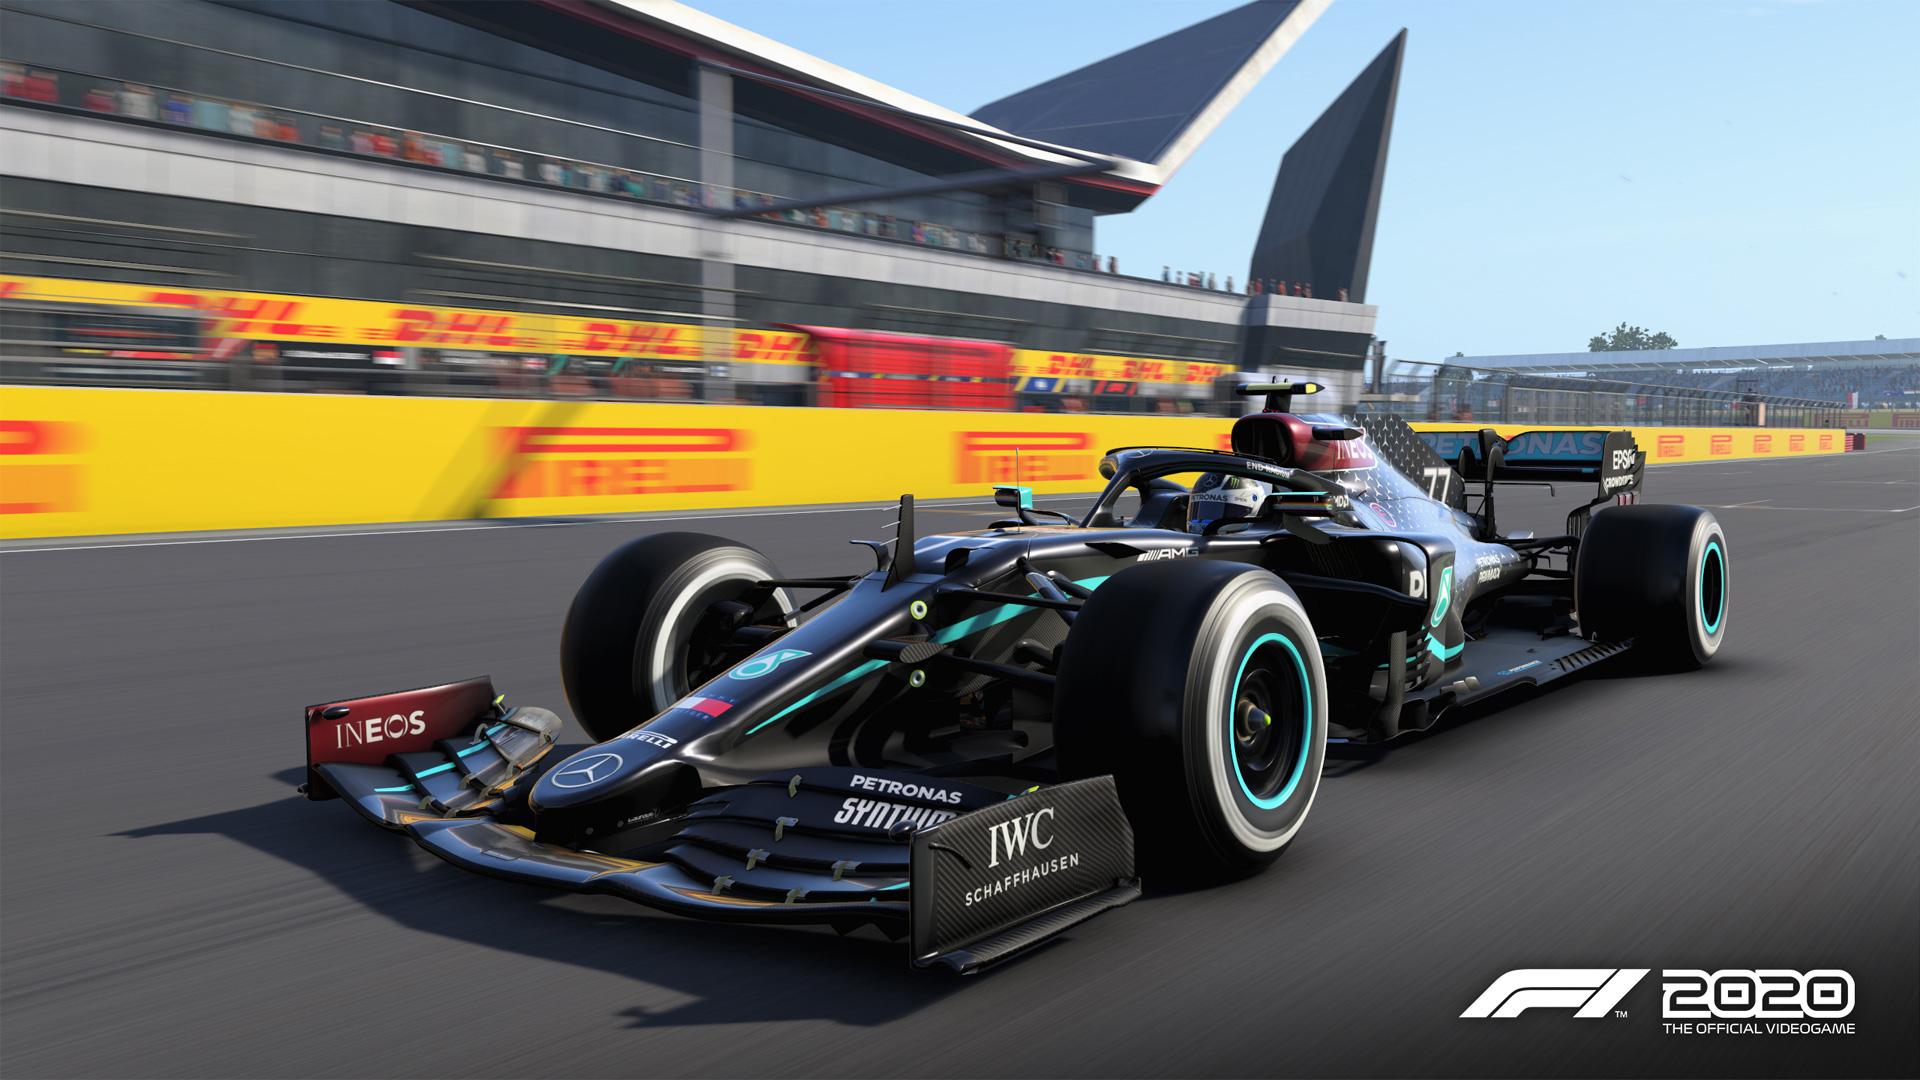 A EA comprou a Codemasters, estúdio por trás de jogos como DiRT, GRID e Project Cars, mas quais os impactos nos jogos de corrida? O próximo F1 ficará mais caro?